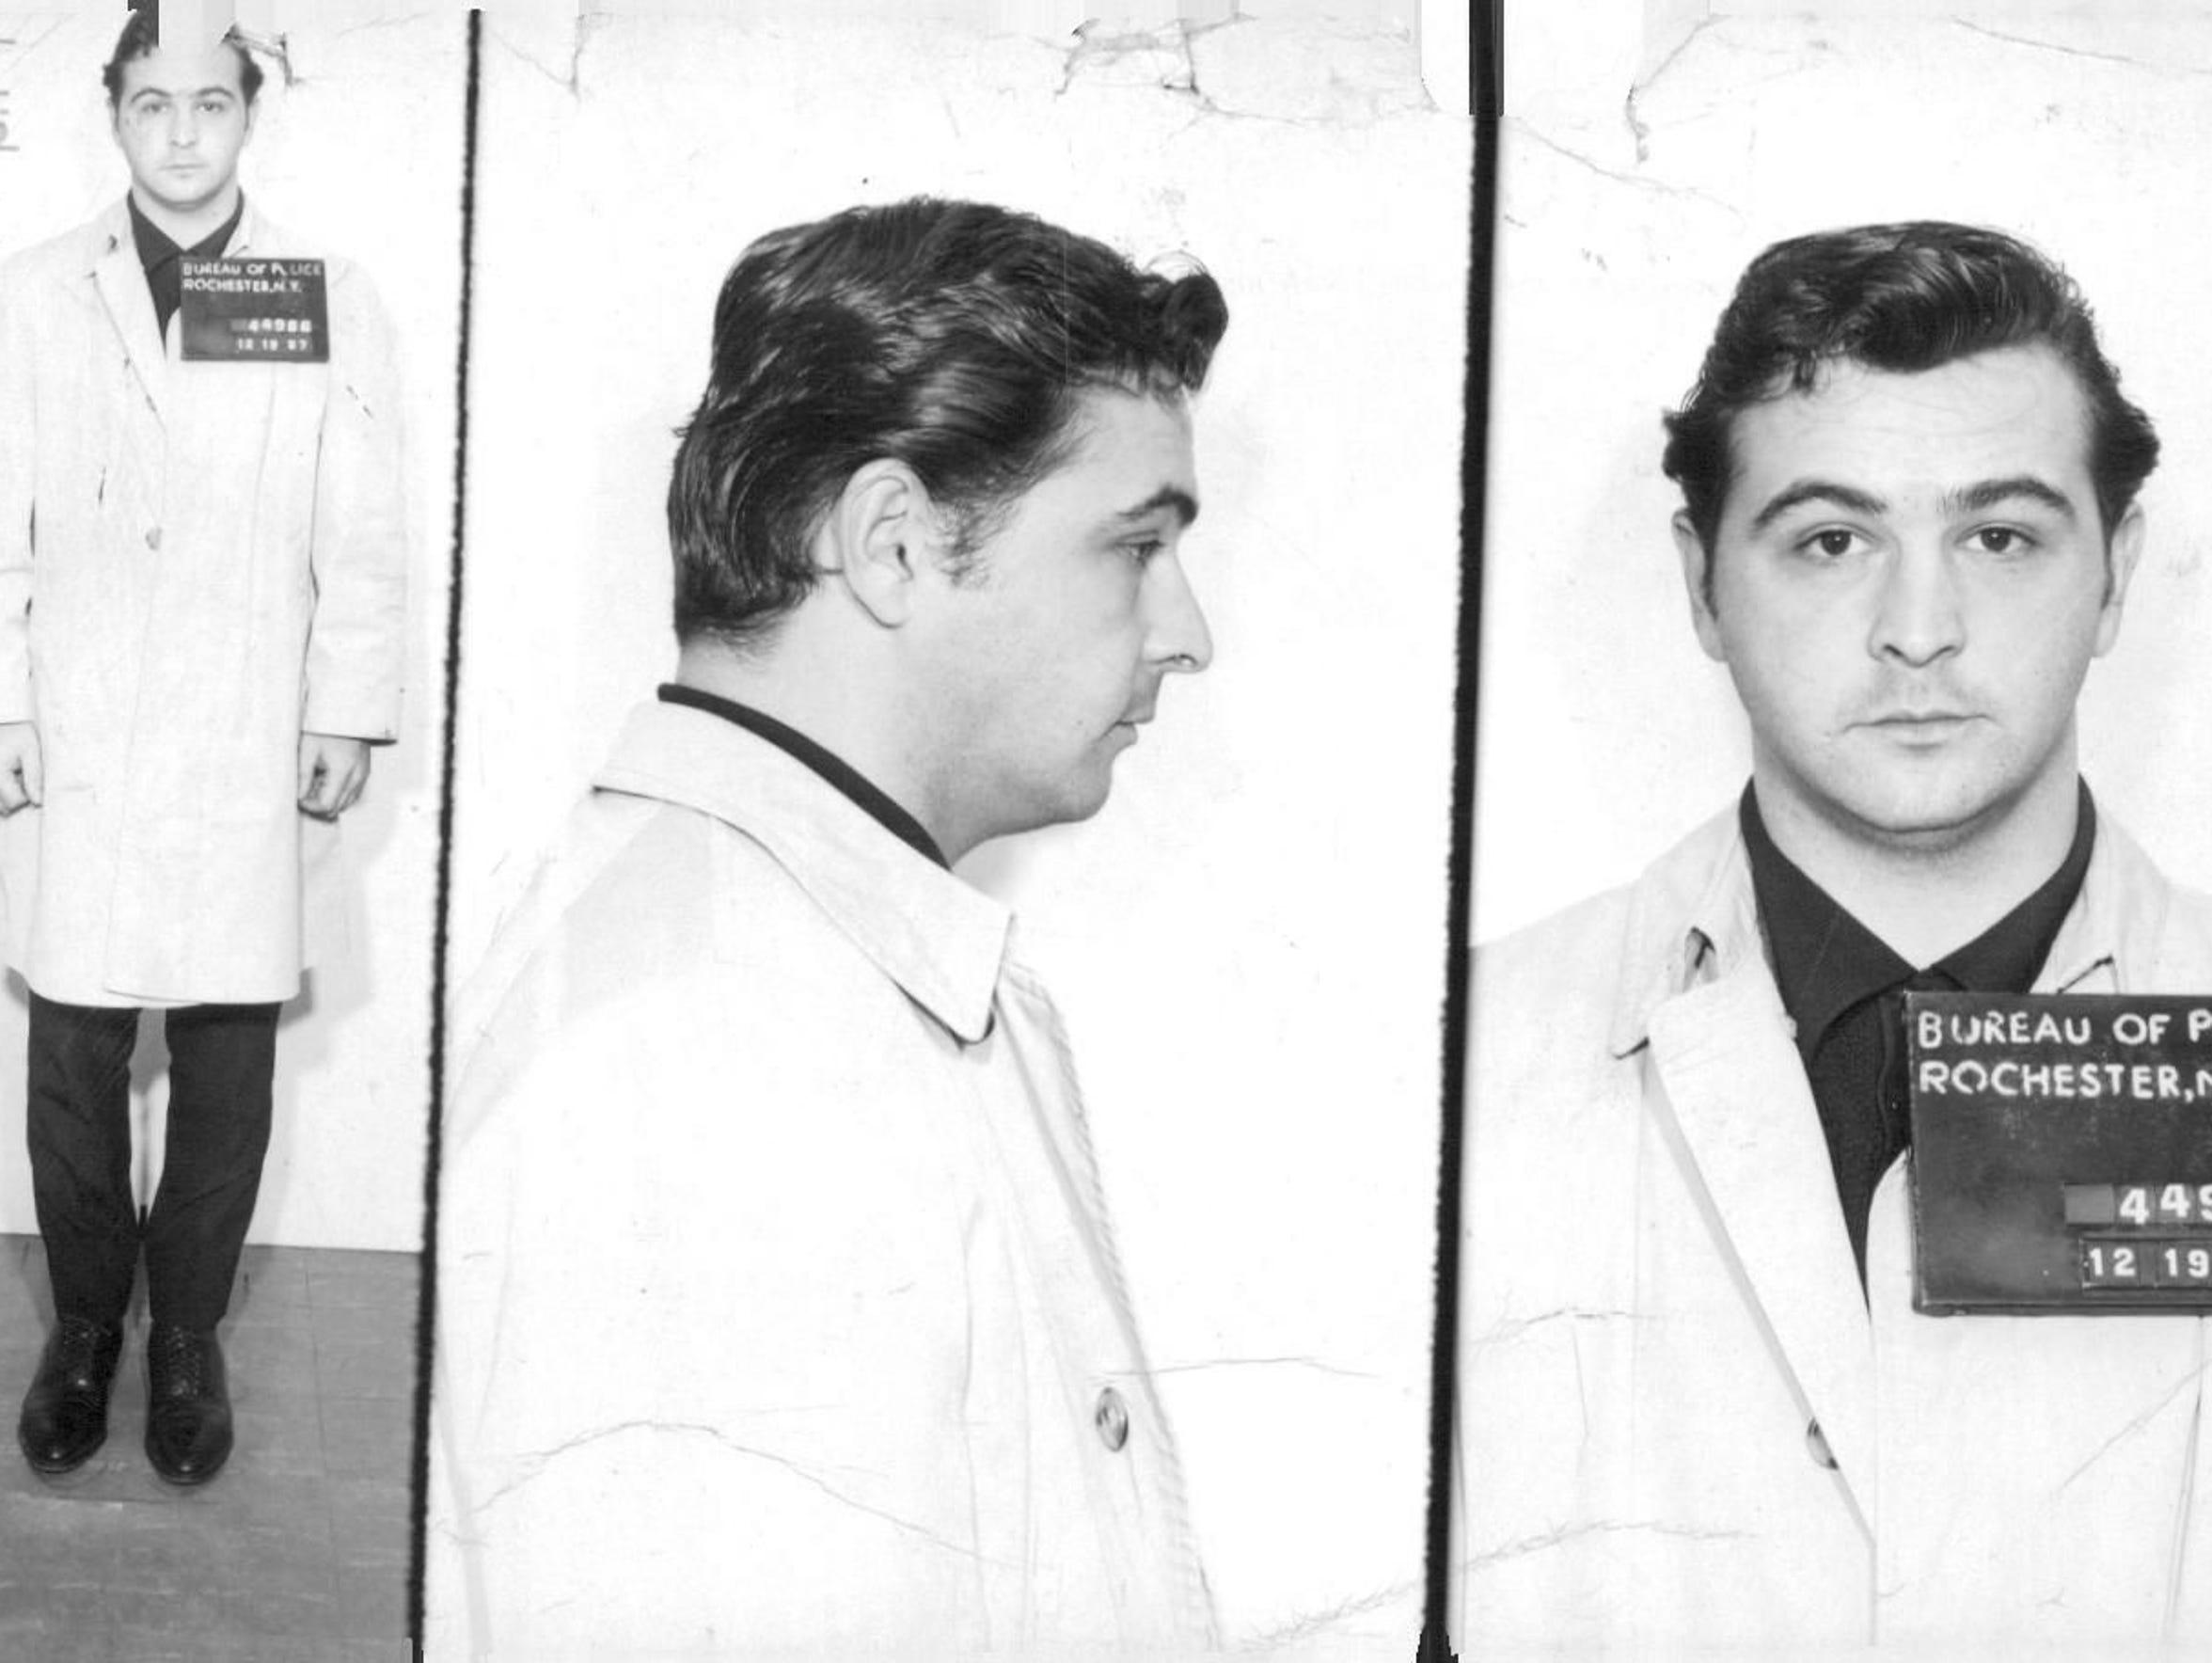 1969 file photo: Salvatore Gingello